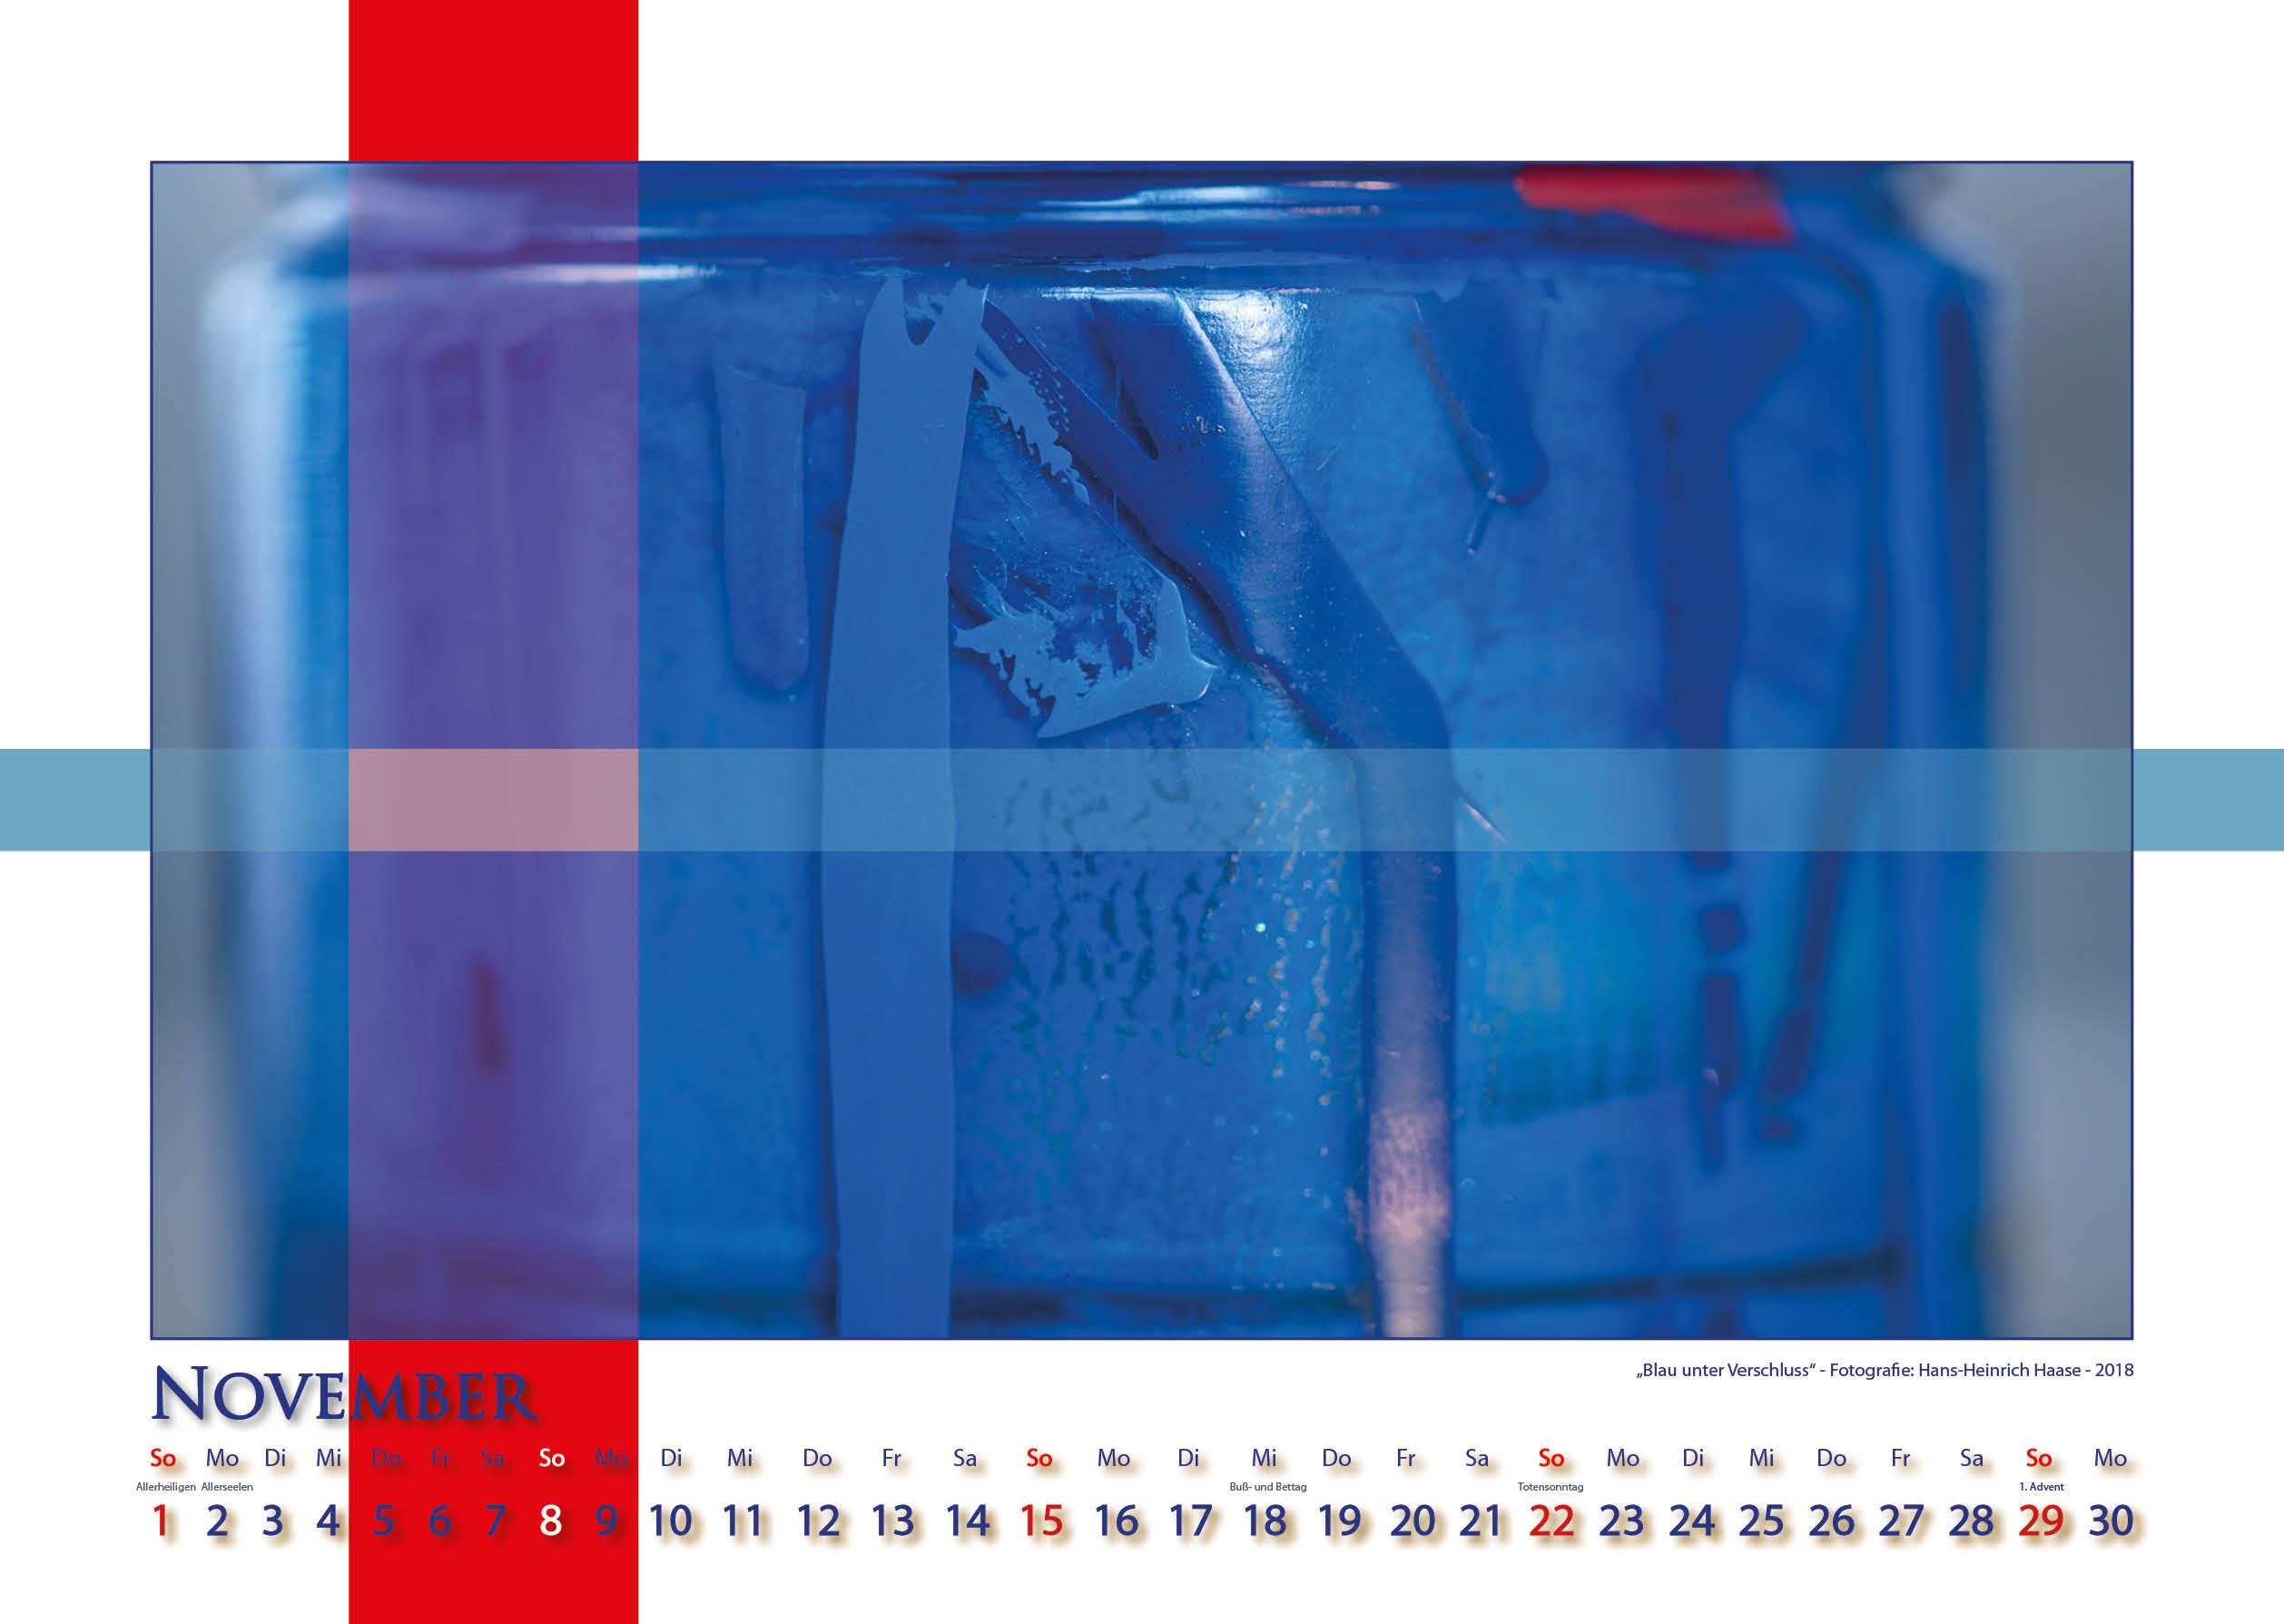 Blau unter Verschluß - Strukturen - Kalender 2020 © Katharina Hansen-Gluschitz